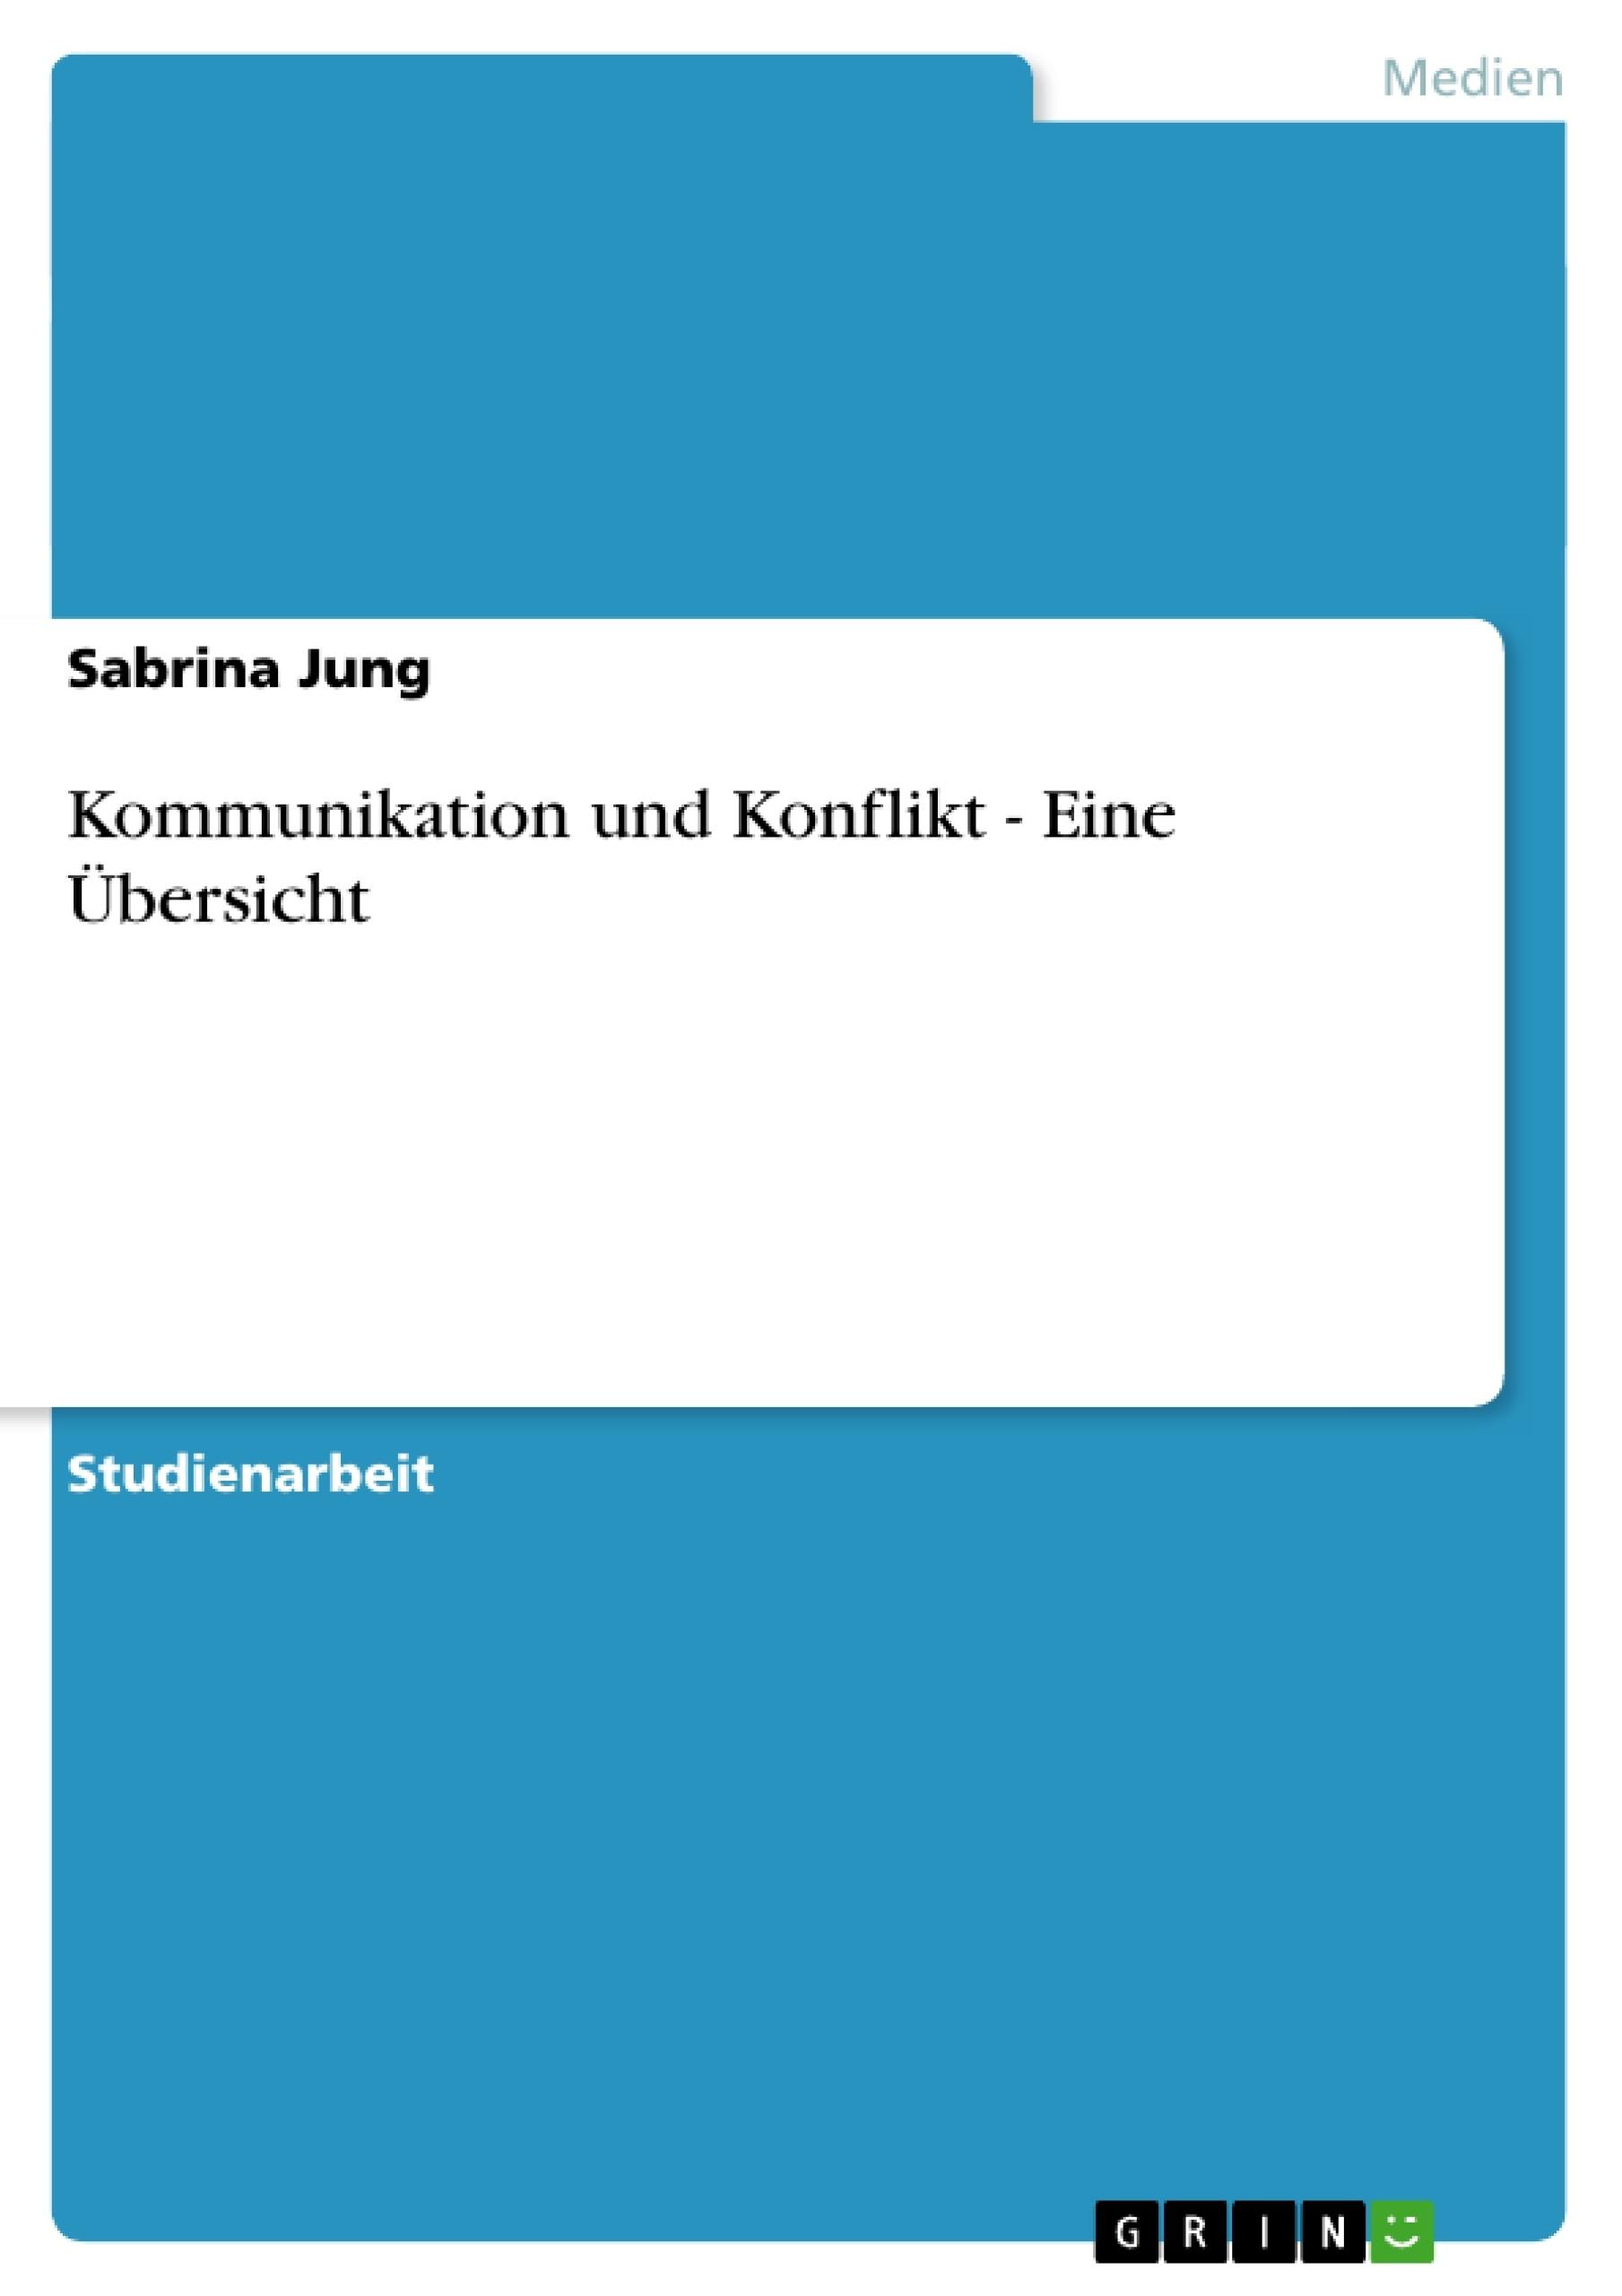 Titel: Kommunikation und Konflikt - Eine Übersicht